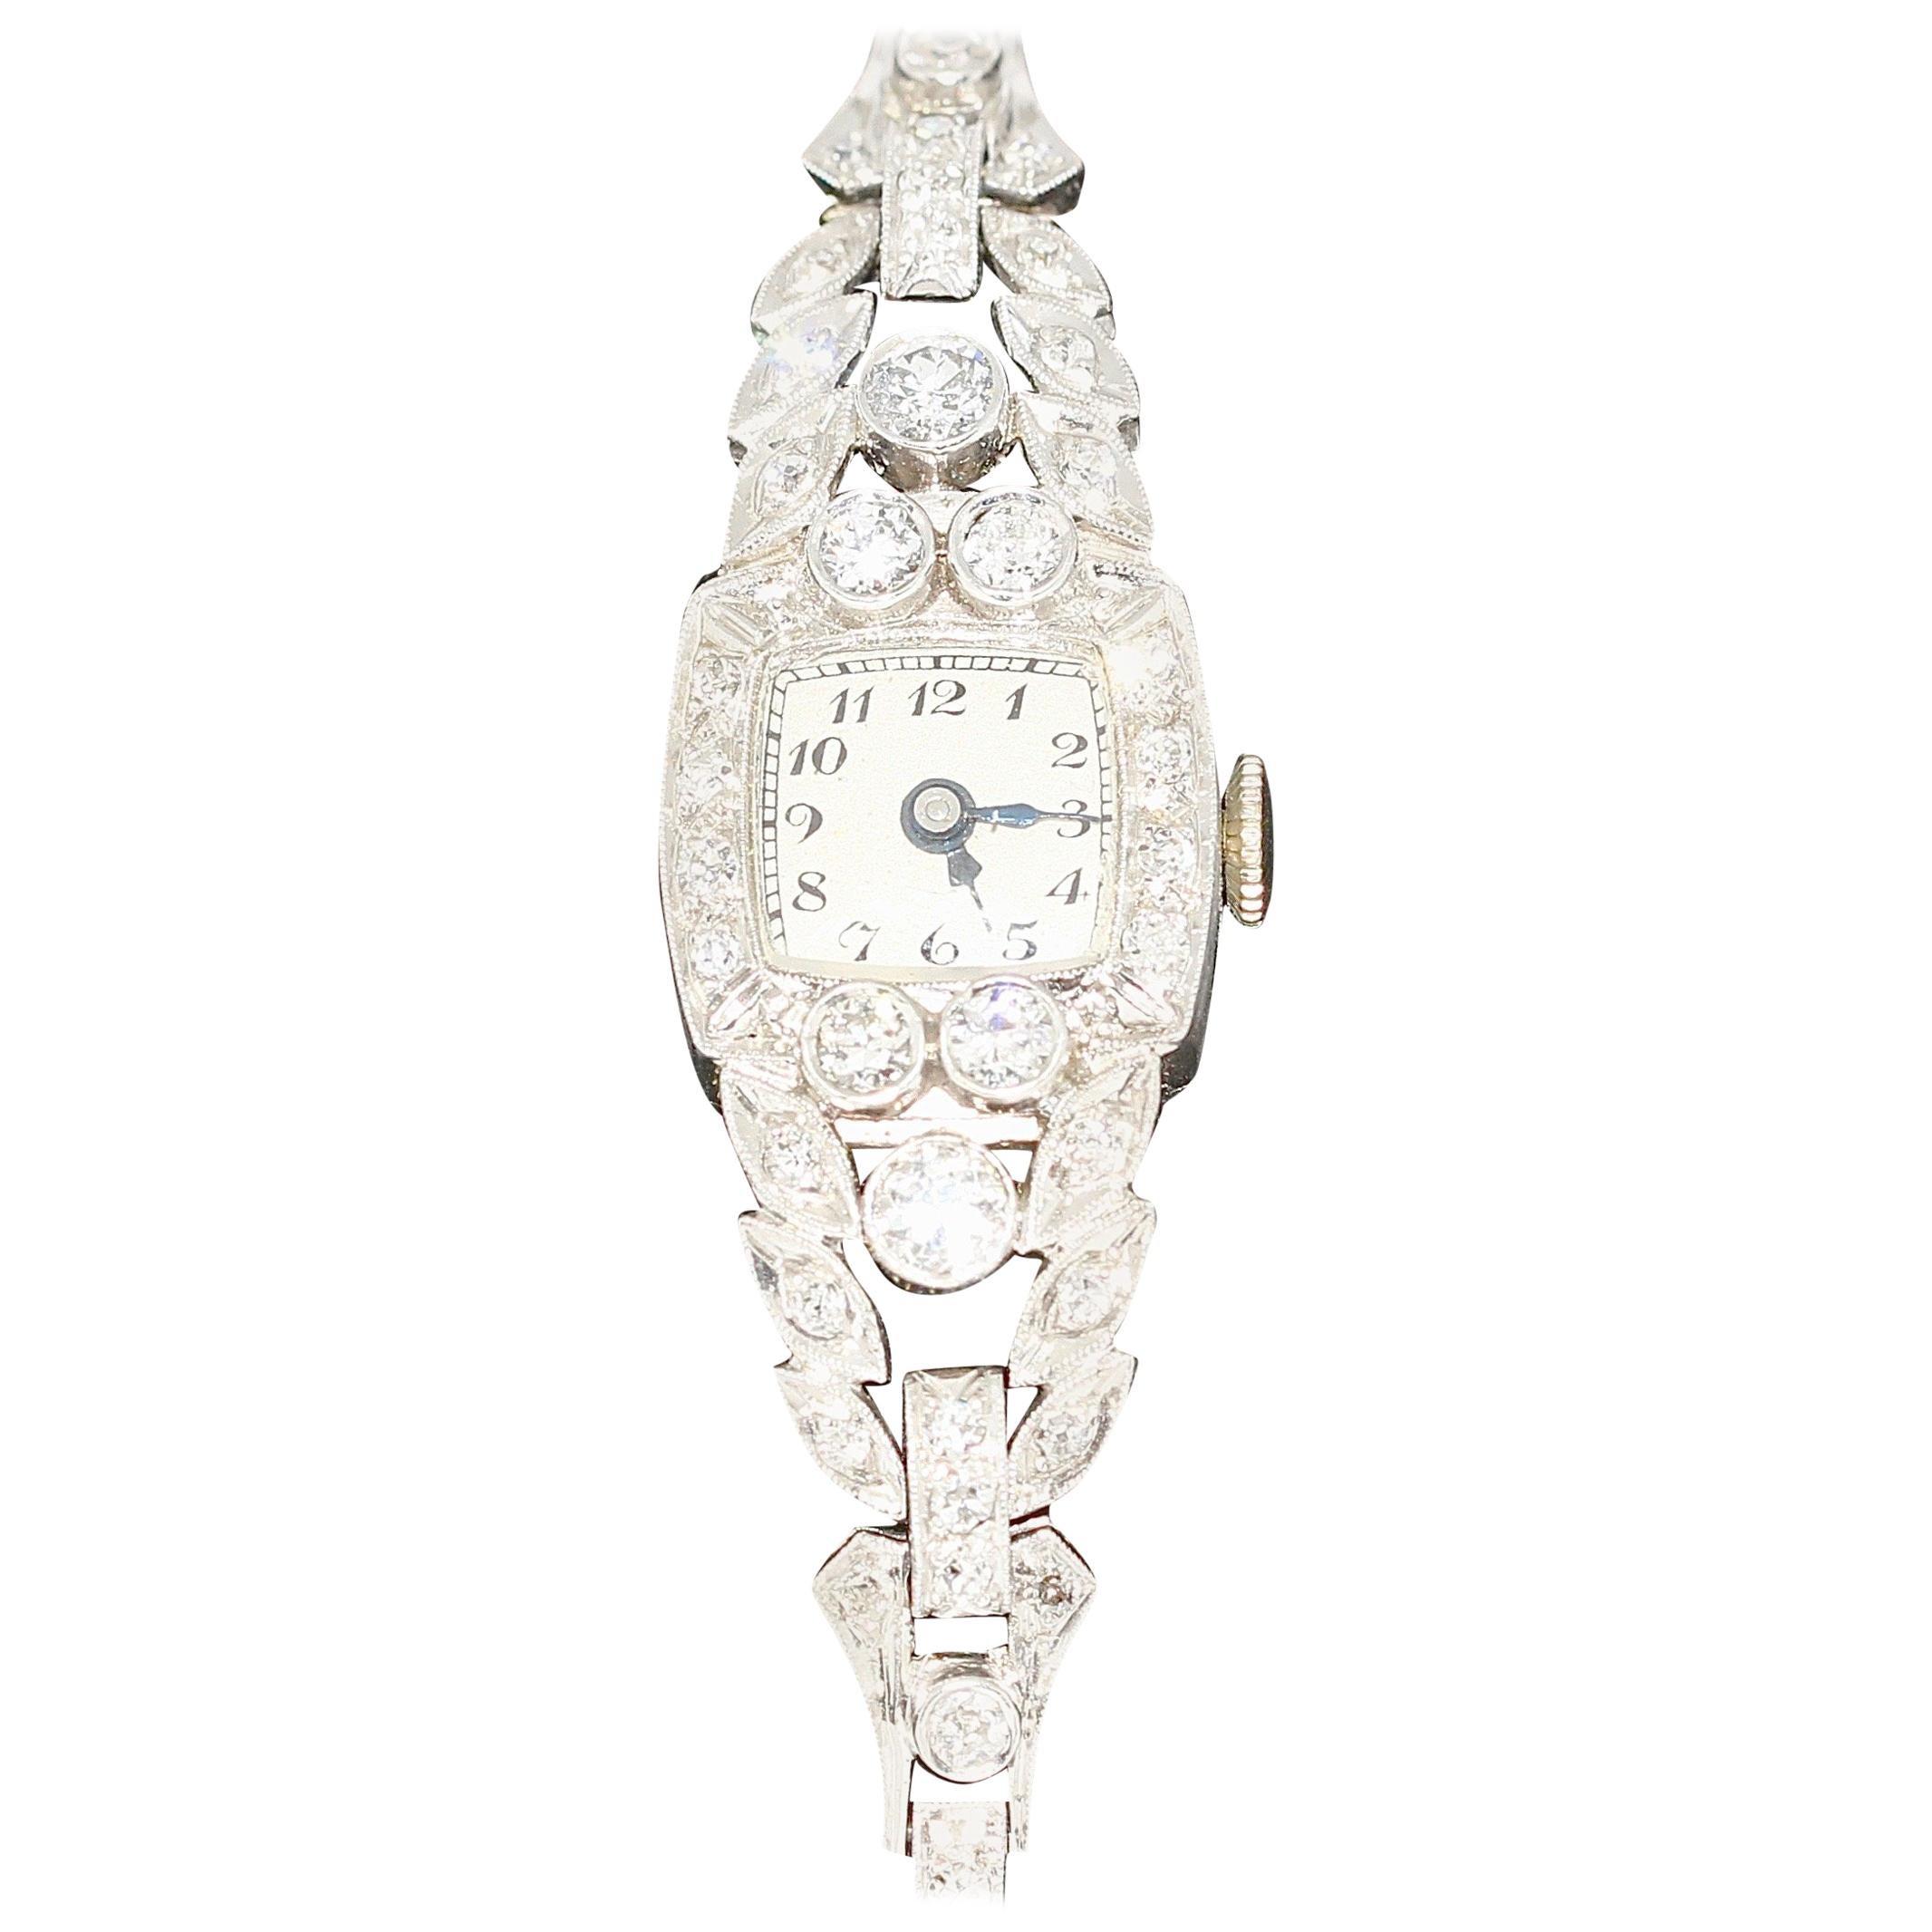 Antique Art Nouveau Ladies Wrist Watch, Platinum with Diamonds